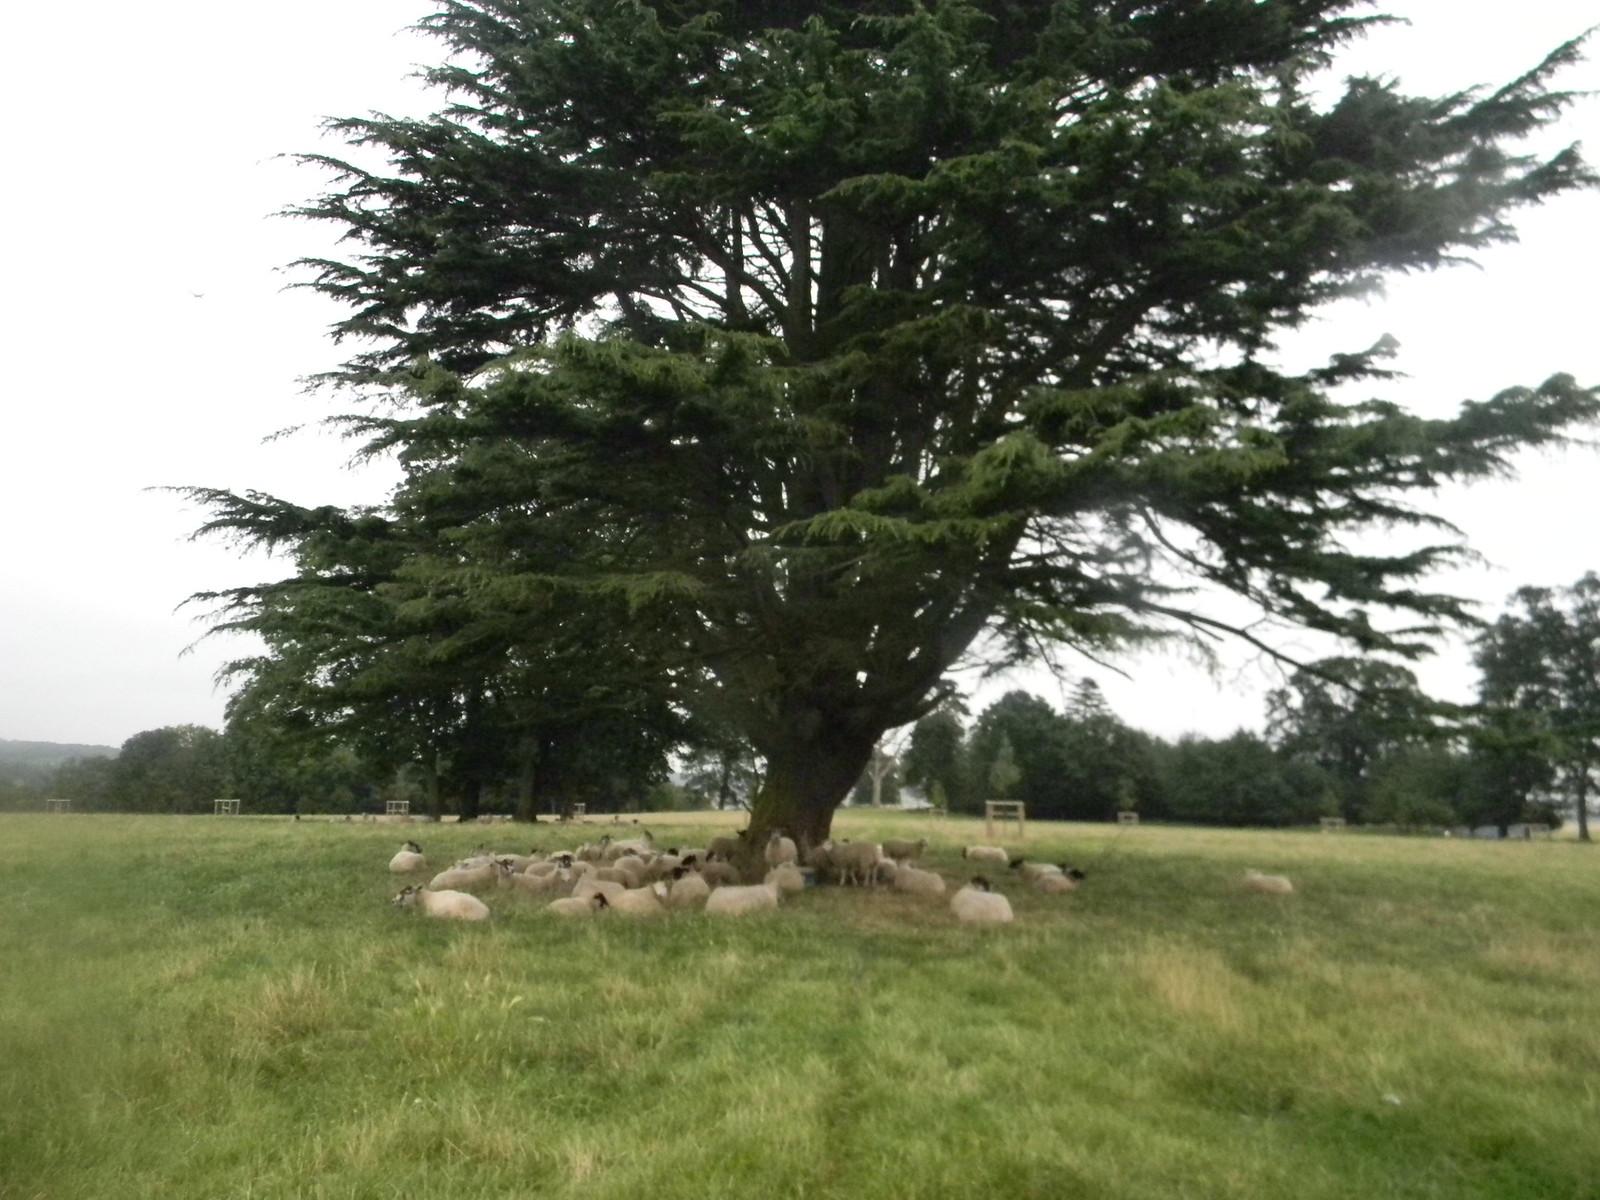 Sheep under a tree Henley via Stonor